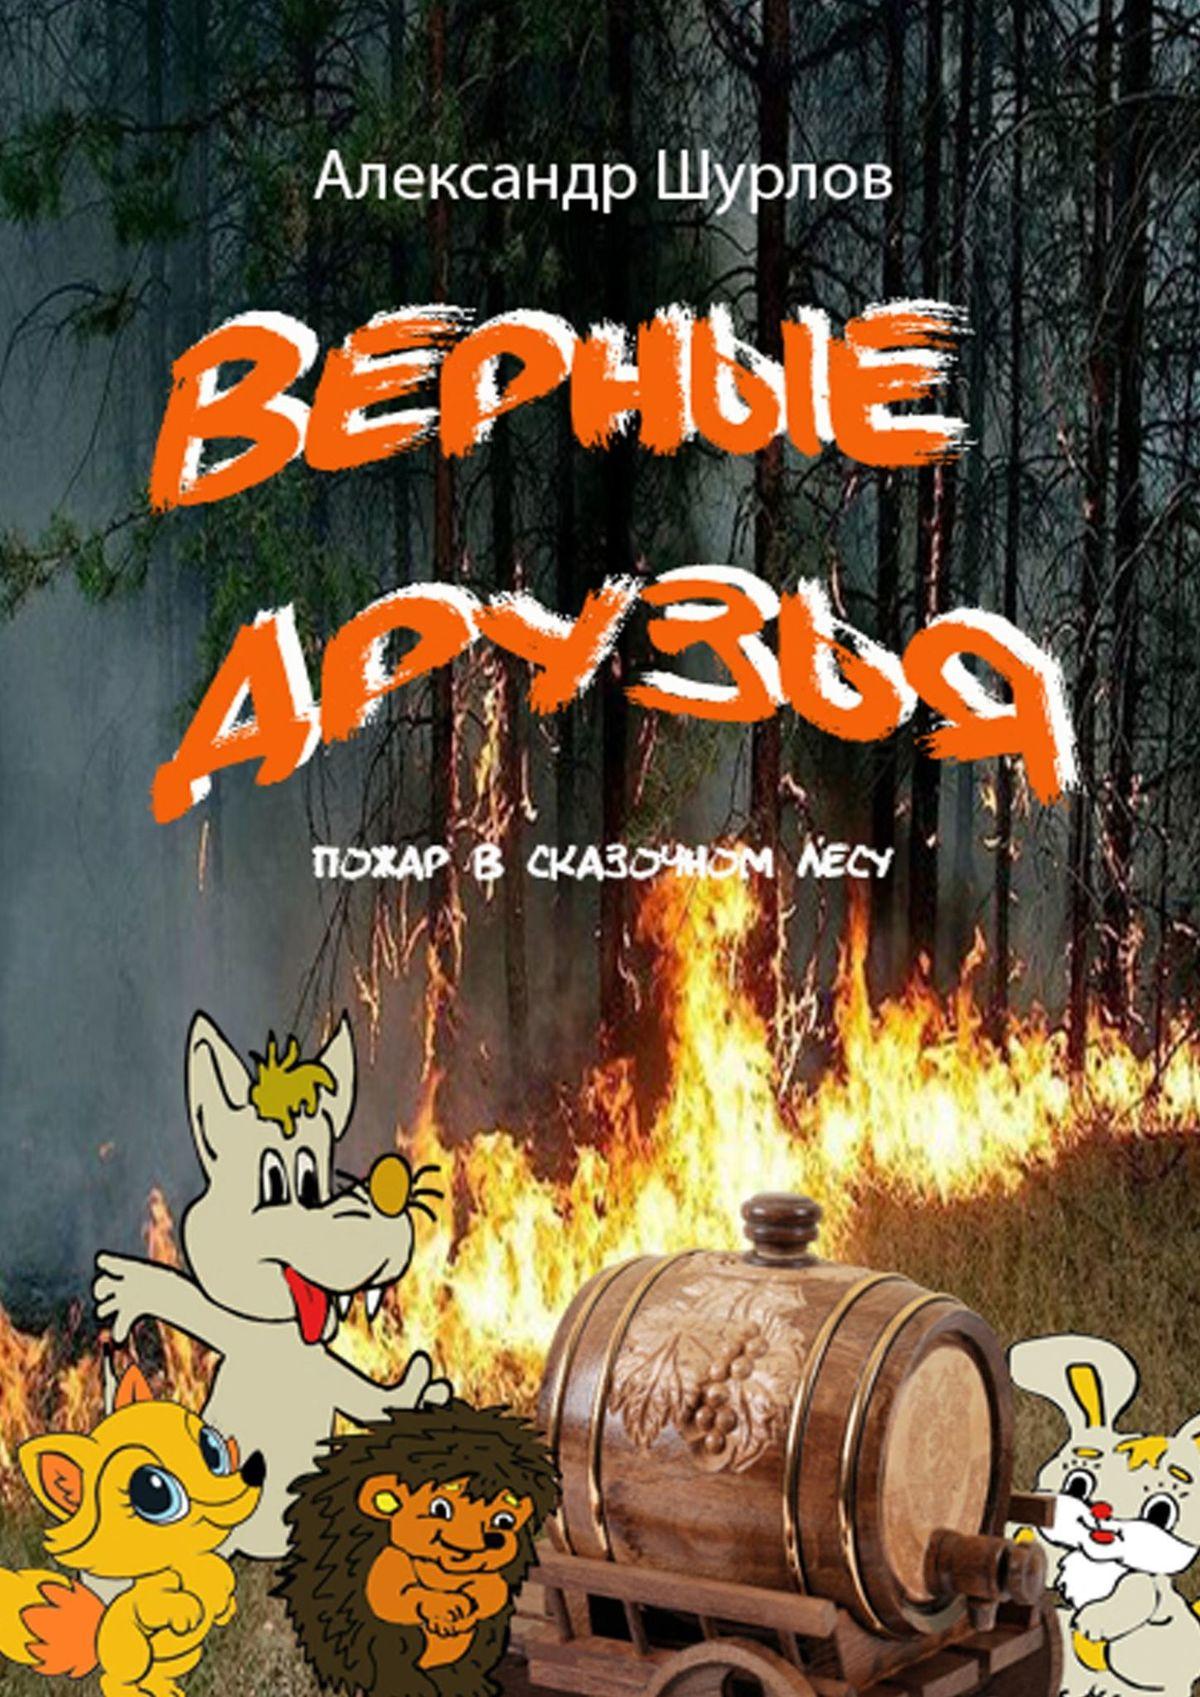 Фото - Александр Шурлов Верные друзья. Пожар в сказочном лесу картинки школьной жизни старой россии